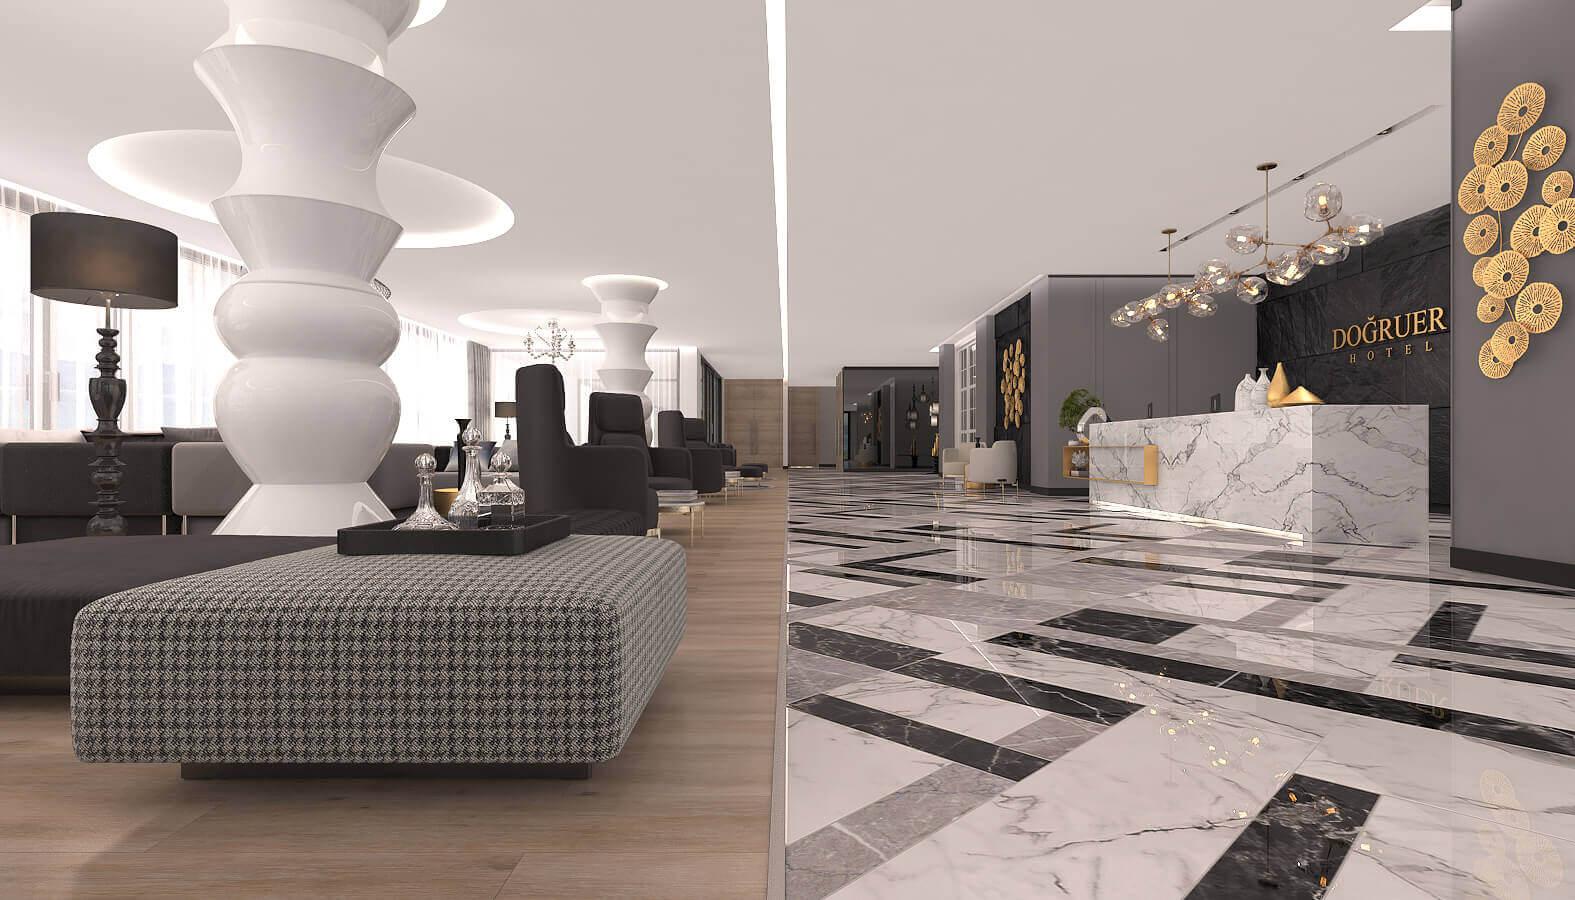 otel odası tasarımı 3582 Doğruer hotel Oteller